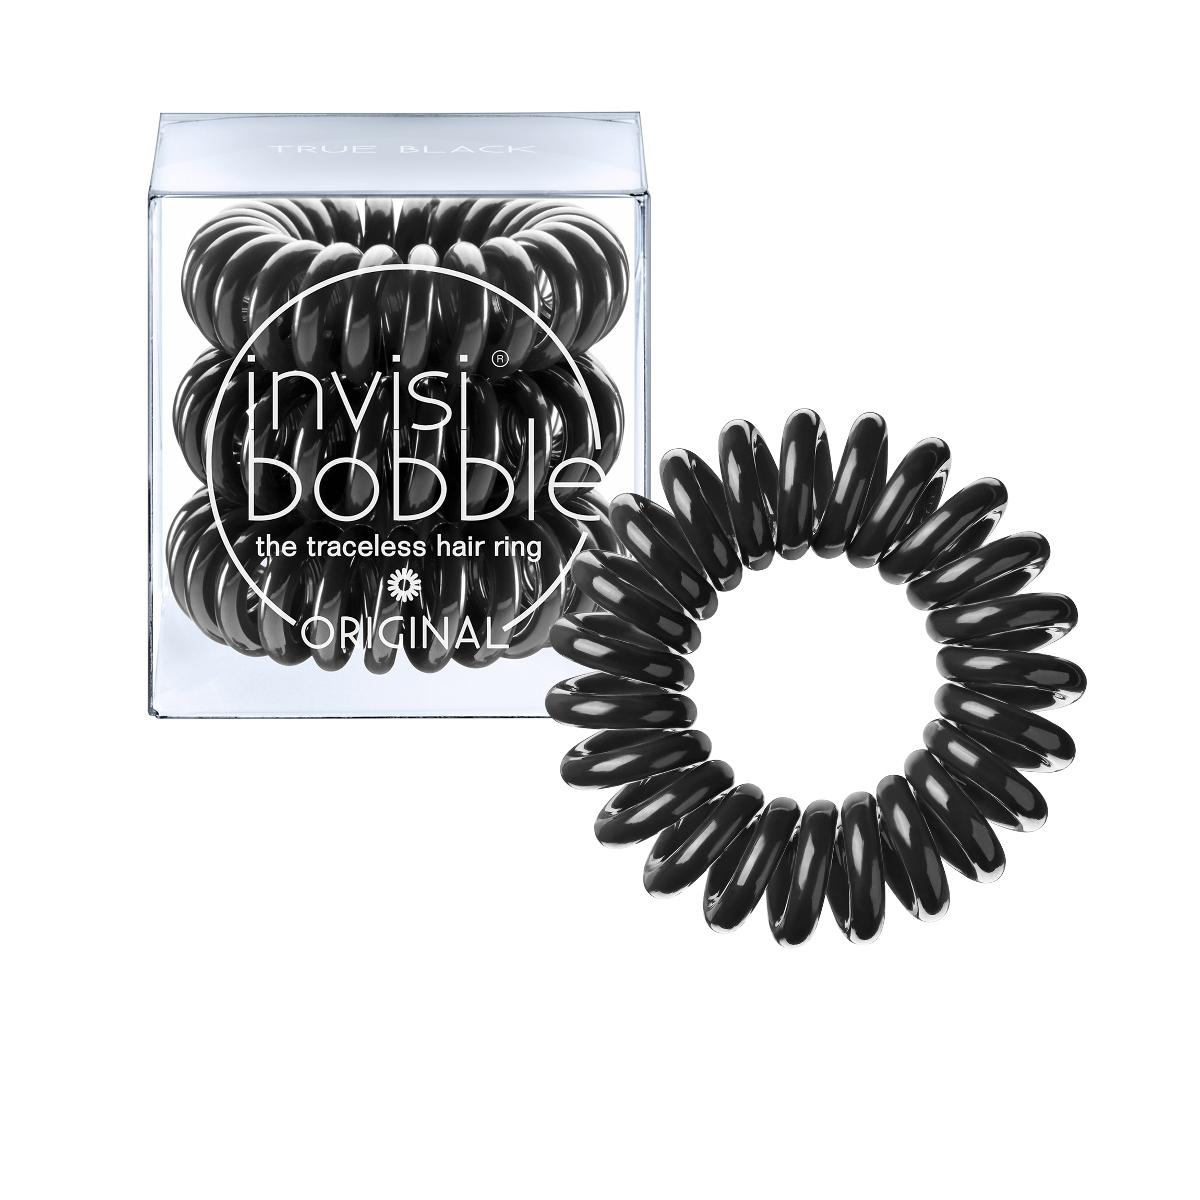 Invisibobble Резинка-браслет для волос Original True Black3040Оттенок invisibobble true black из коллекции ORIGINAL для всех, кто придерживается классического стиля! В коллекцию ORIGINAL вошли наиболее популярные цвета резинок-браслетов, а также новые цвета для создания безупречного образа на каждый день. Резинки-браслеты invisibobble подходят для всех типов волос, надежно фиксируют причёску, не оставляют заломов и не вызывают головную боль благодаря неравномерному распределению давления на волосы. Кроме того, они не намокают и не вызывают аллергию при контакте с кожей, поскольку изготовлены из искусственной смолы.